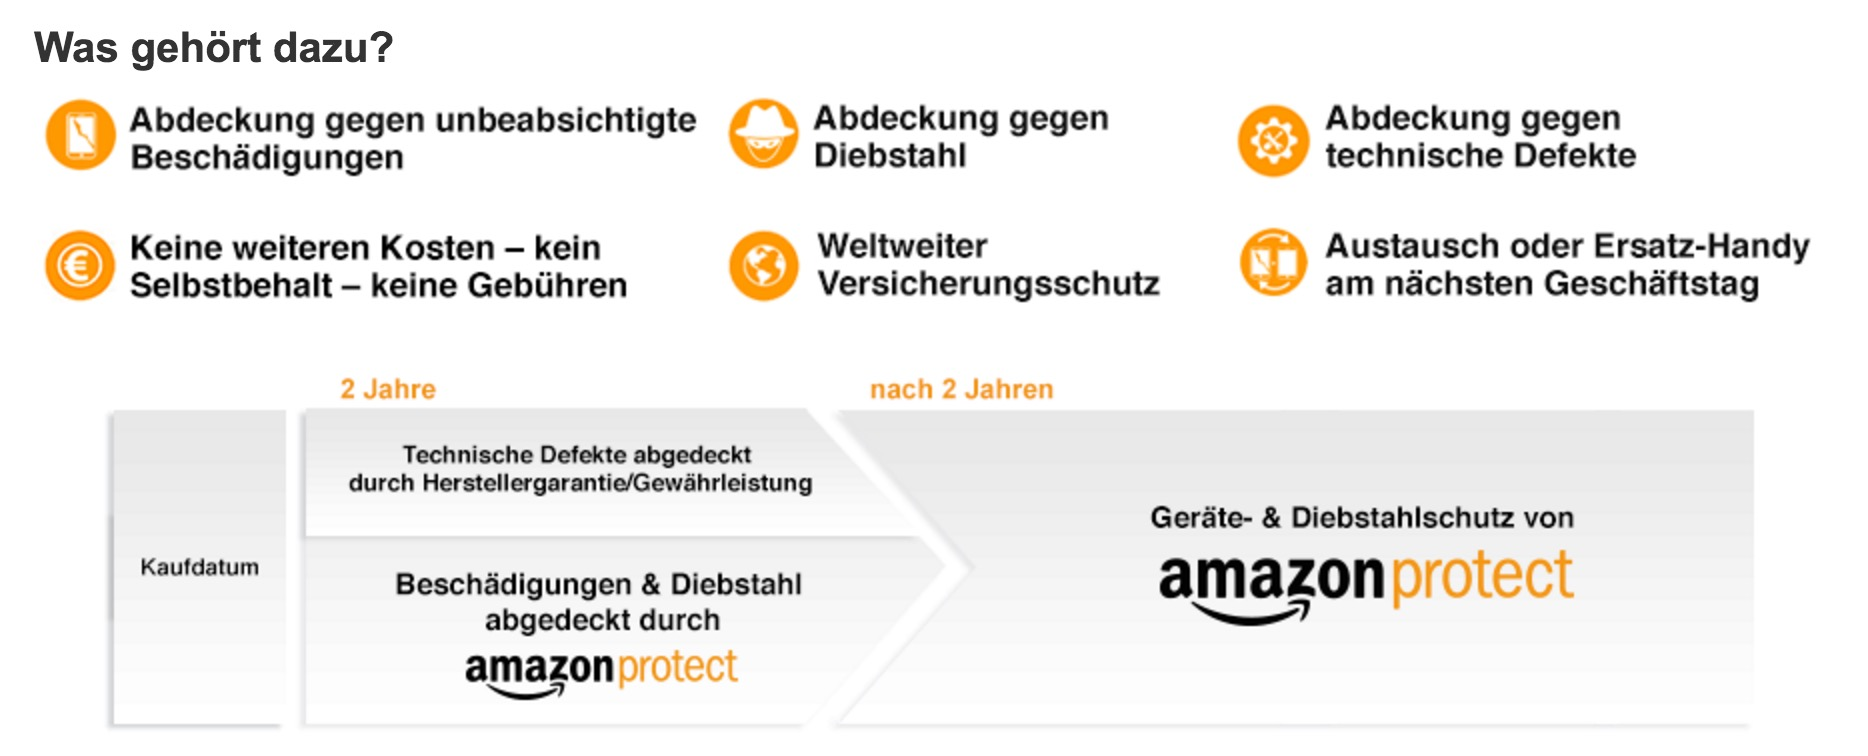 Was gehört zu Amazon Protect?